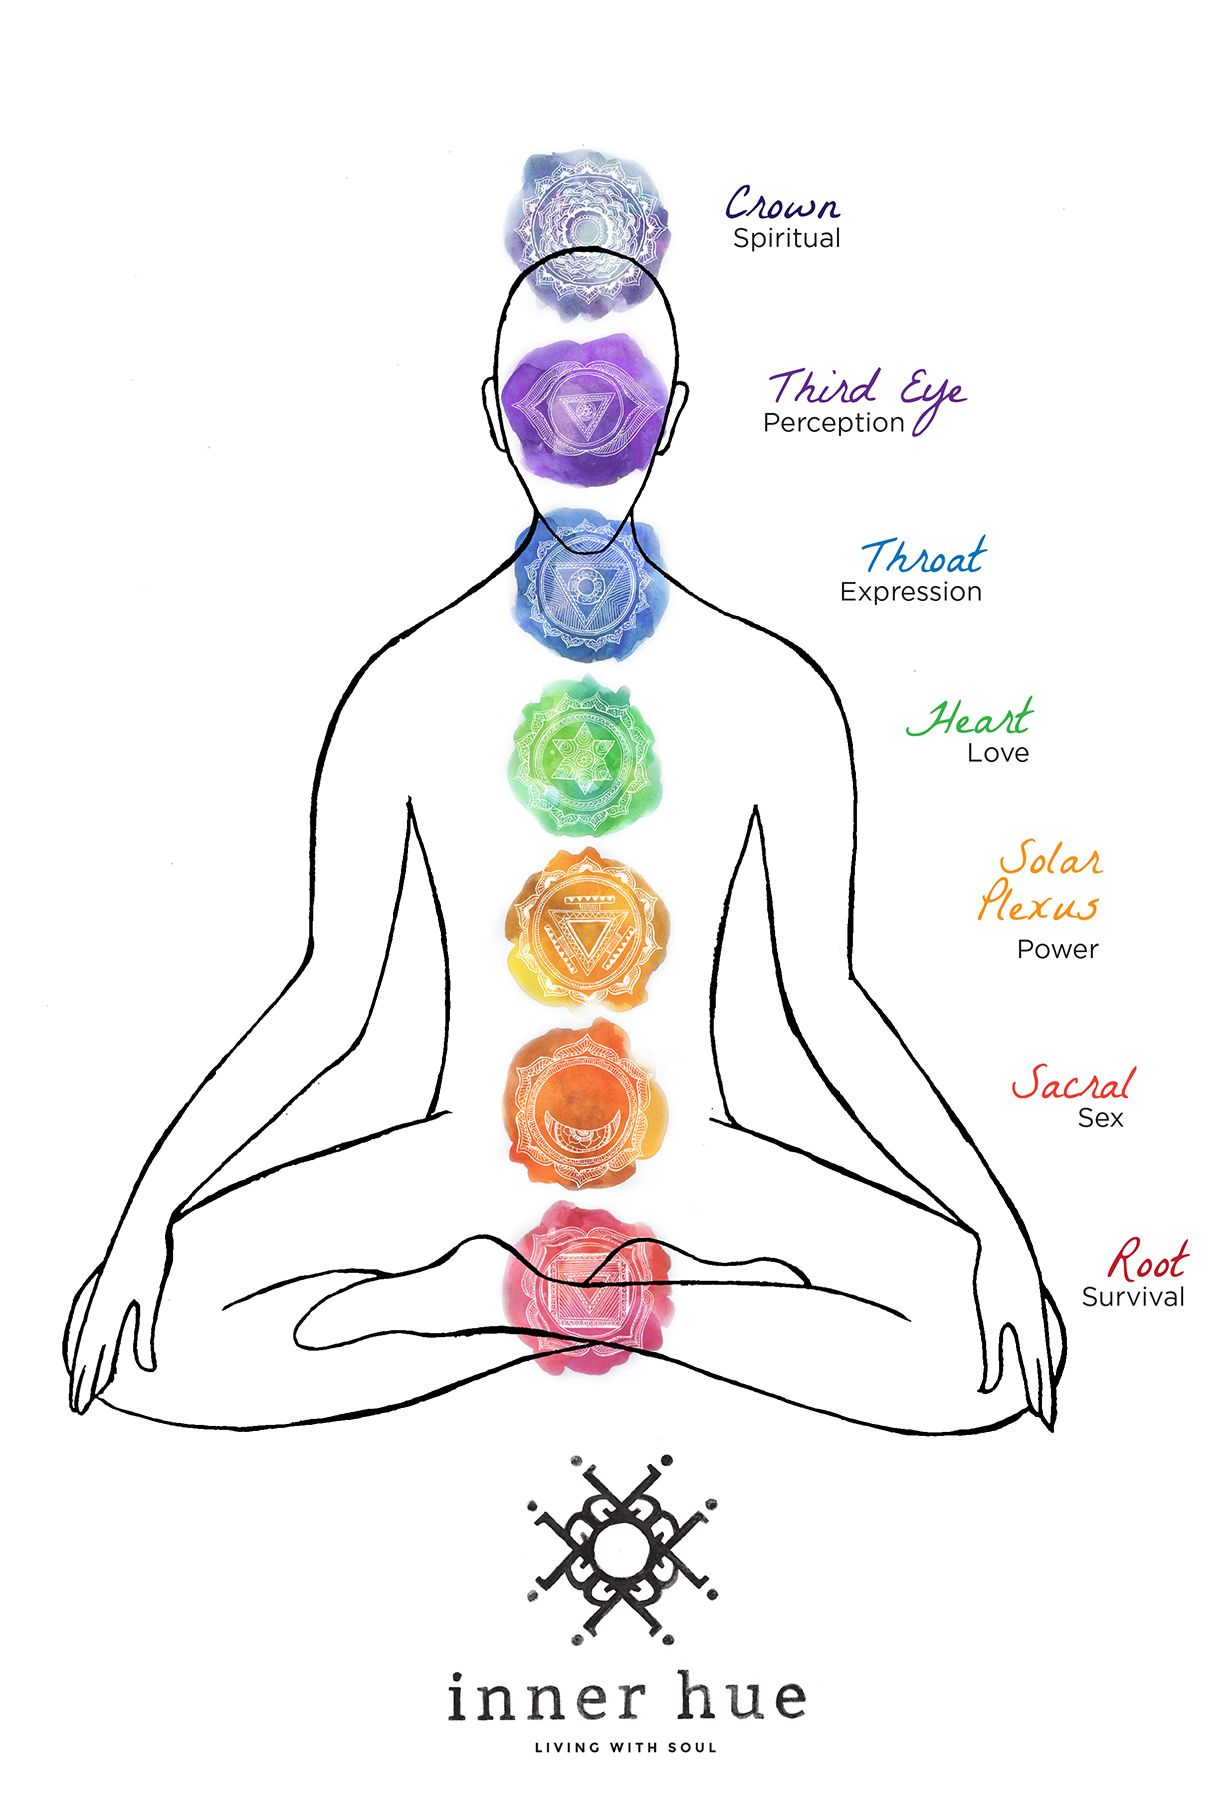 hight resolution of chakra diagram option 1 chakra system womens wellness chakra balancing chakra healing